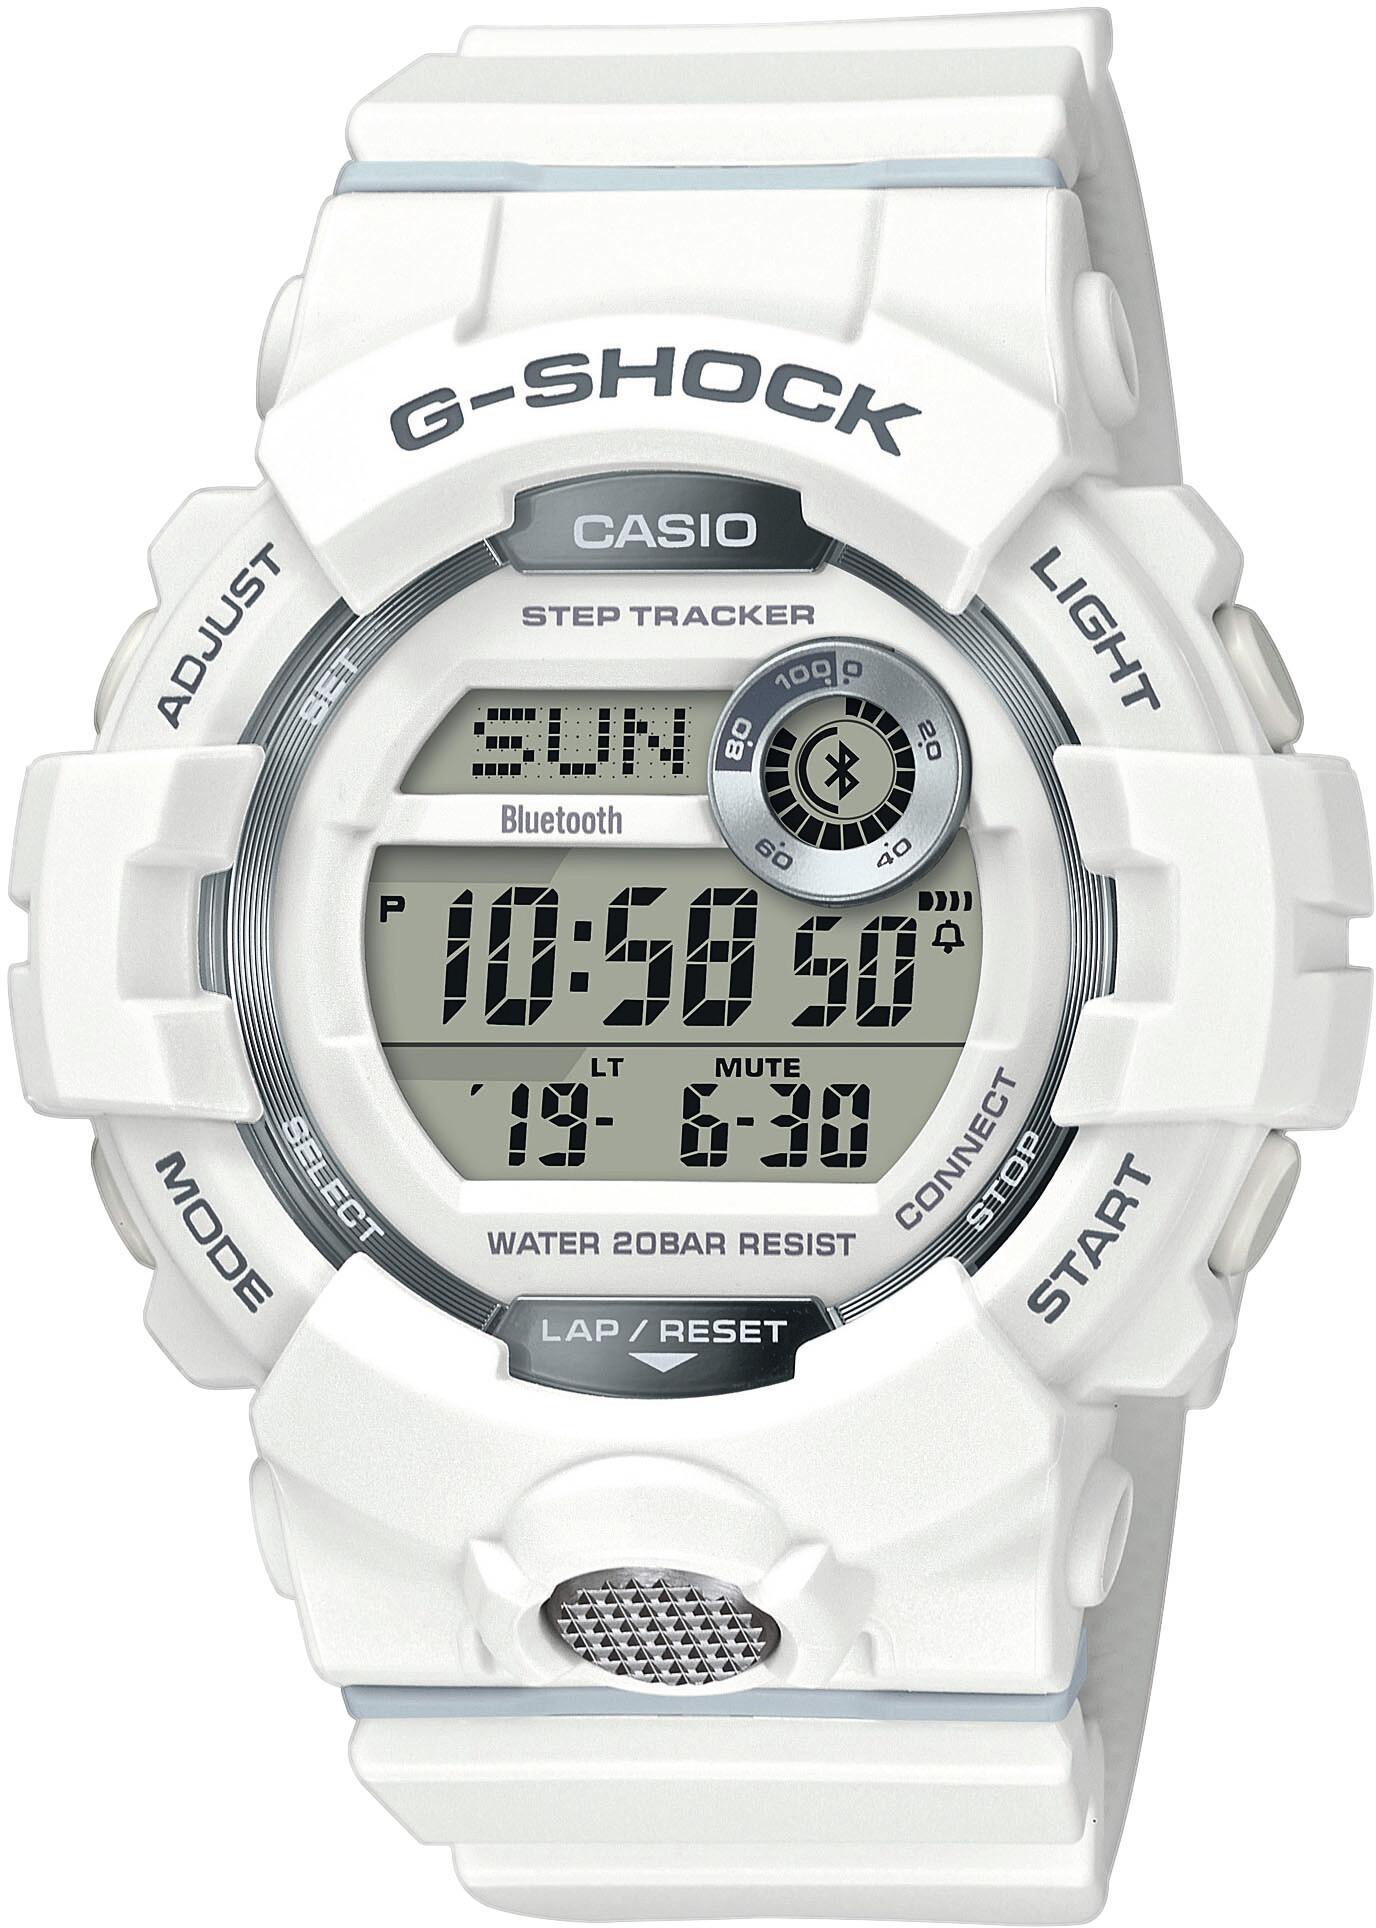 CASIO G-SHOCK GBD-800-7ER Watch Men, white/white/grey | Sports watches